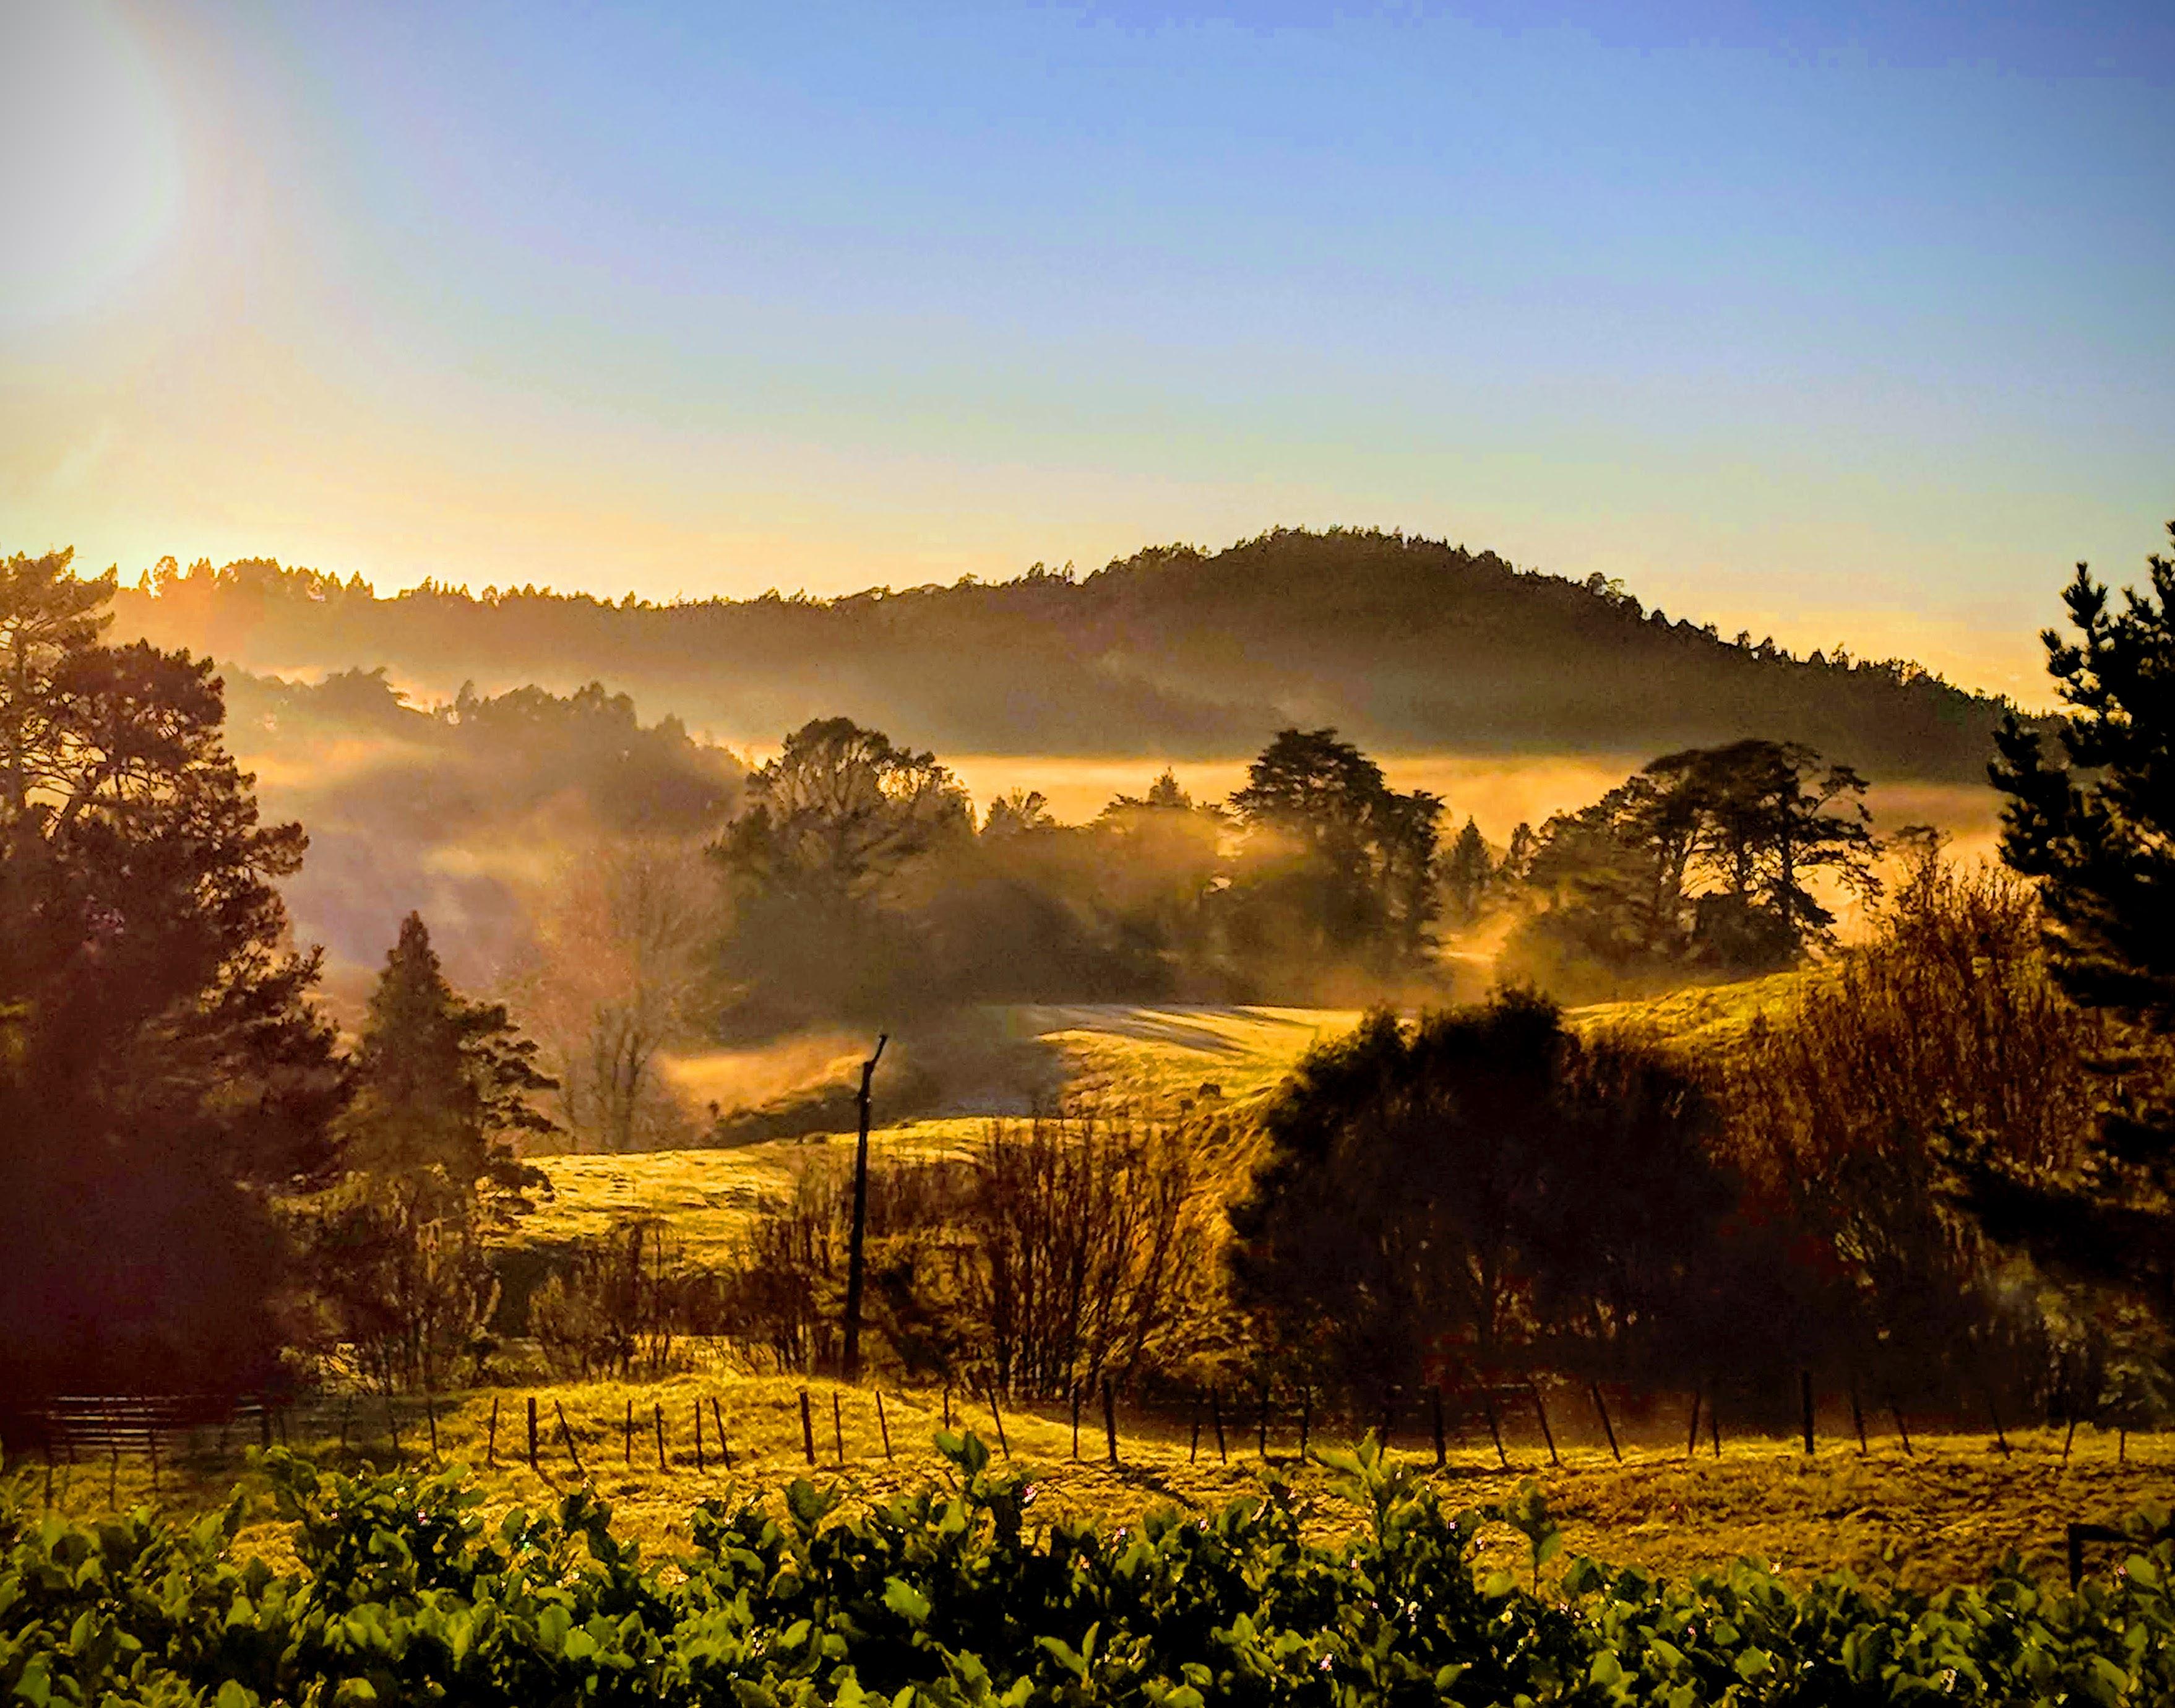 Misty morning sunrise over New Zealand countryside